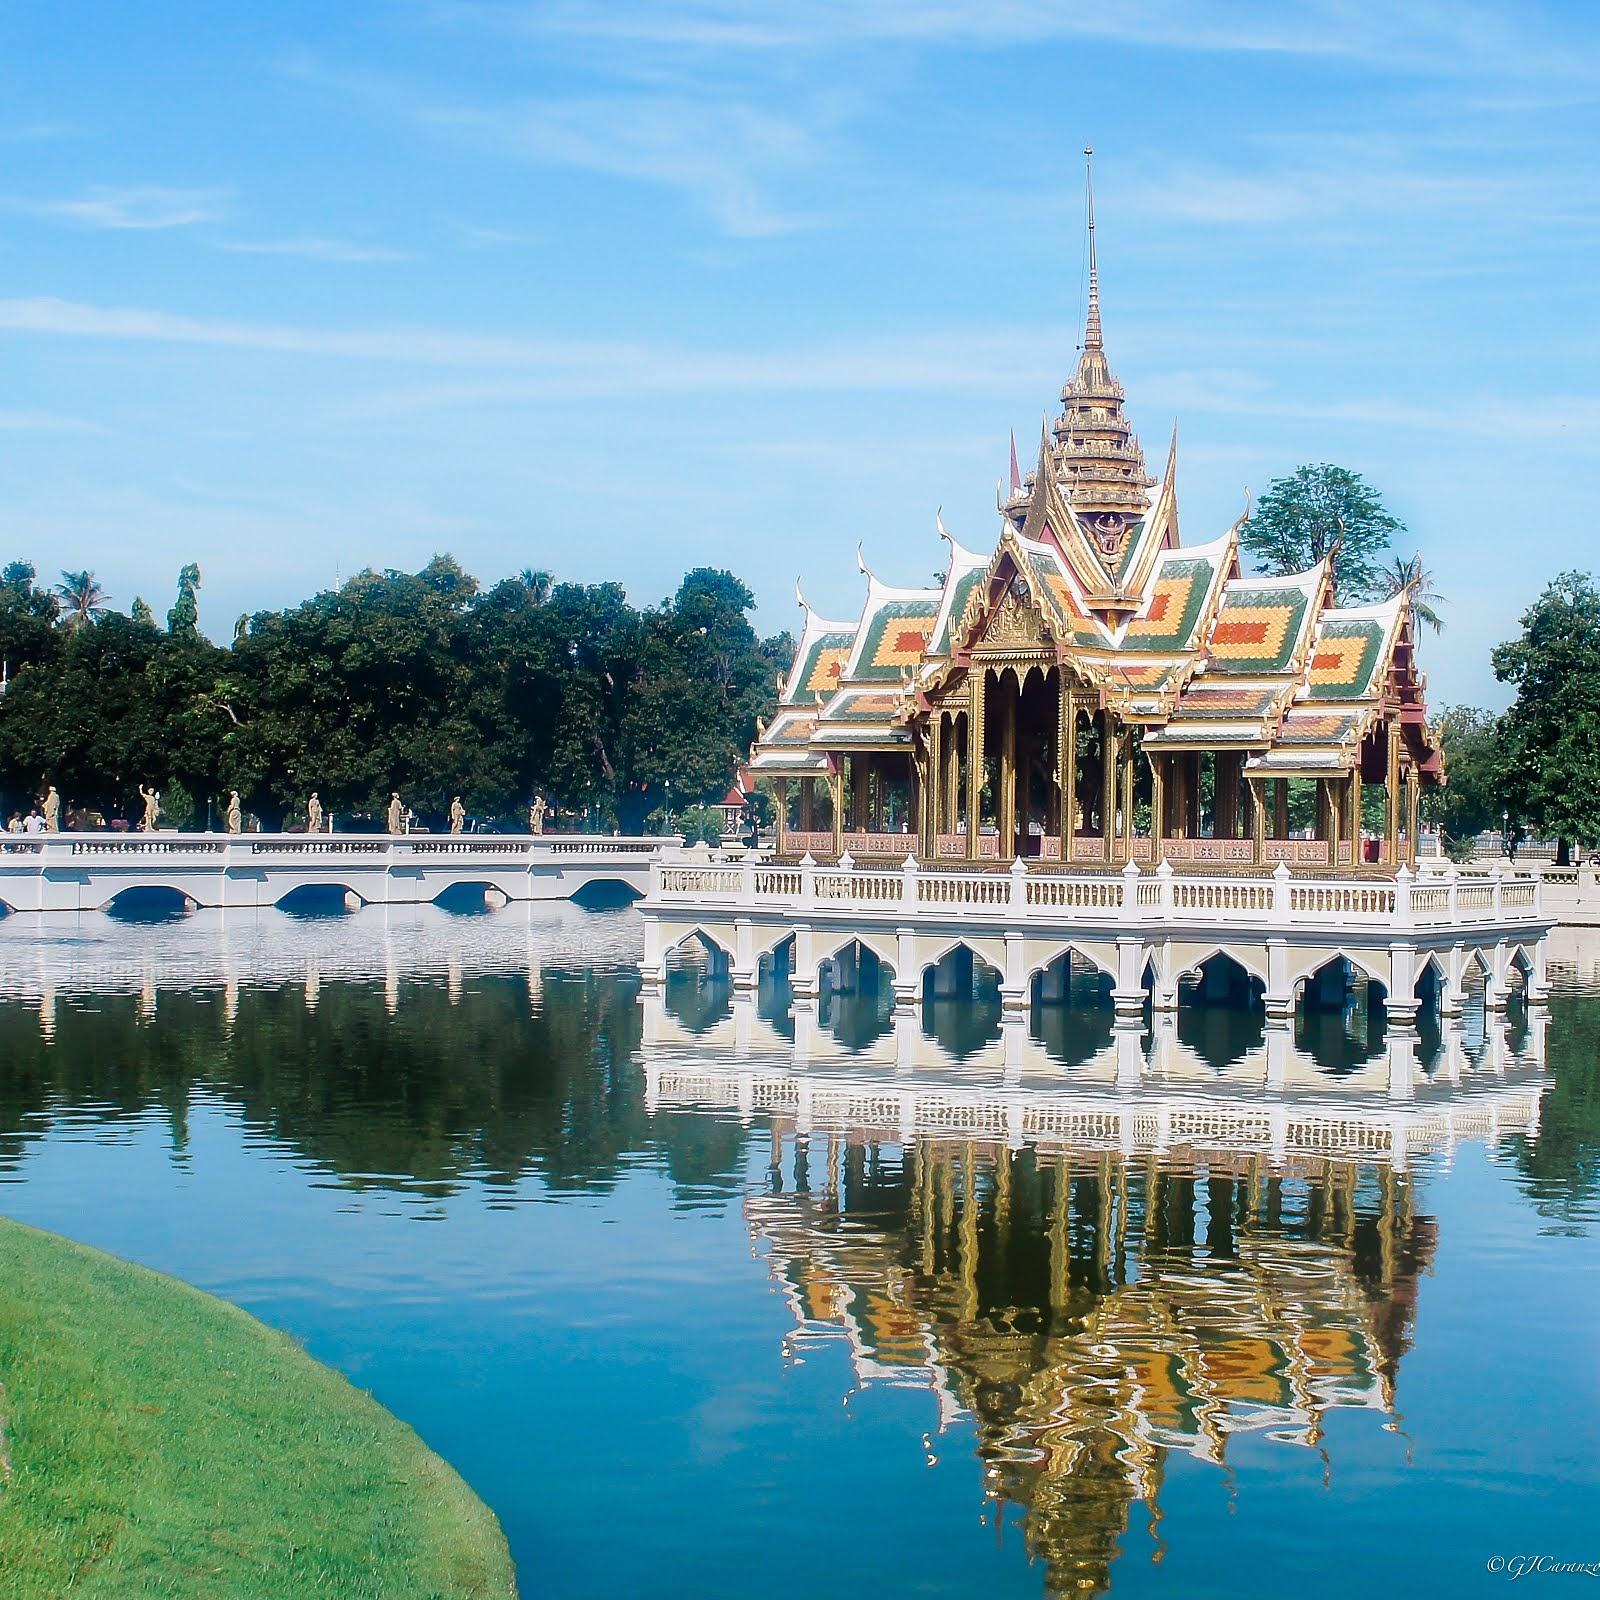 Bang Pa-In Summer Palace (Royal Summer Palace): Things To Do in Bangkok, Thailand